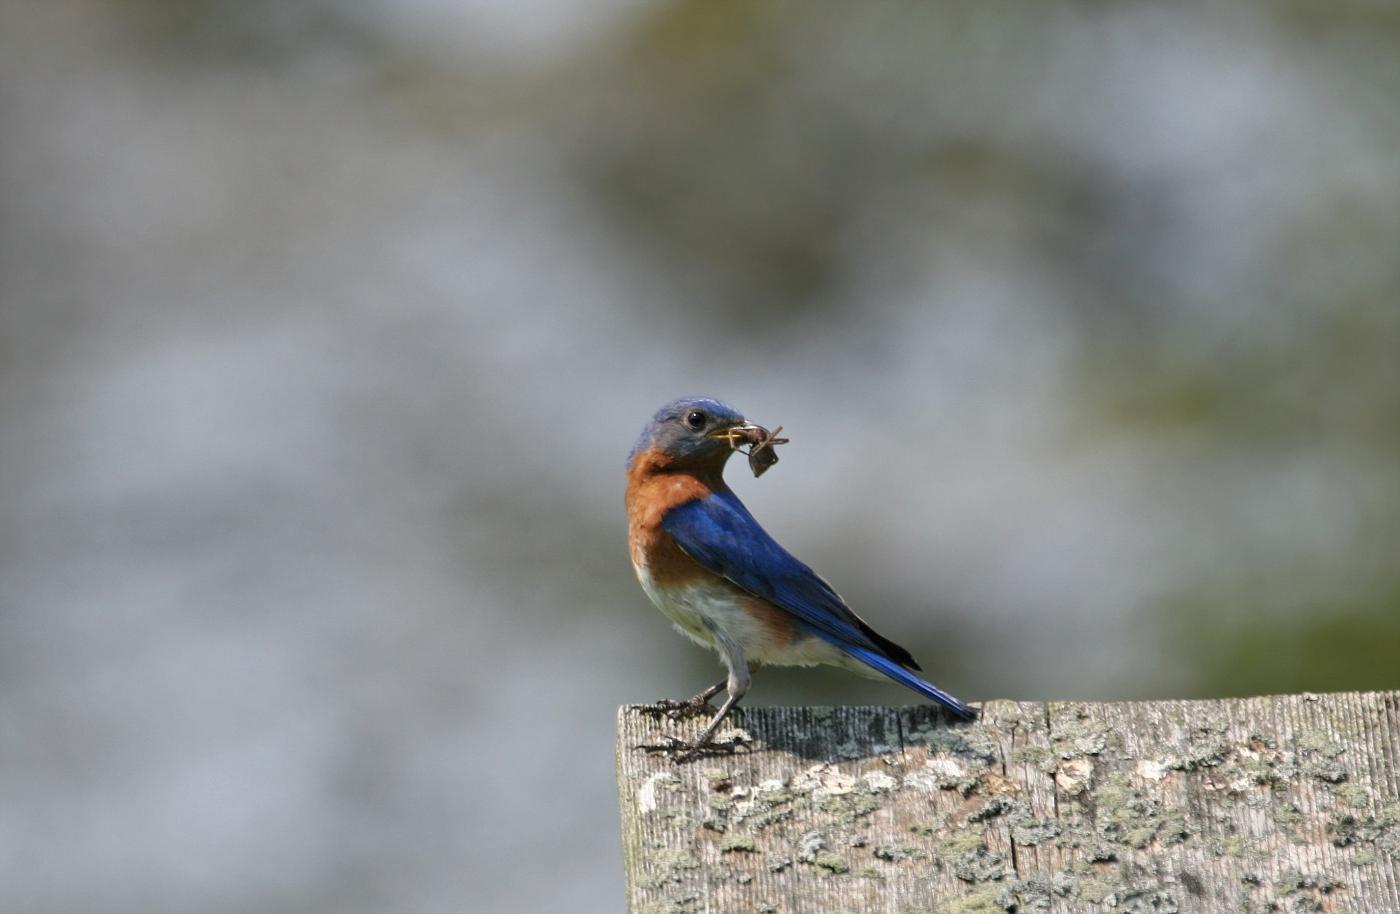 Male Bluebird #13